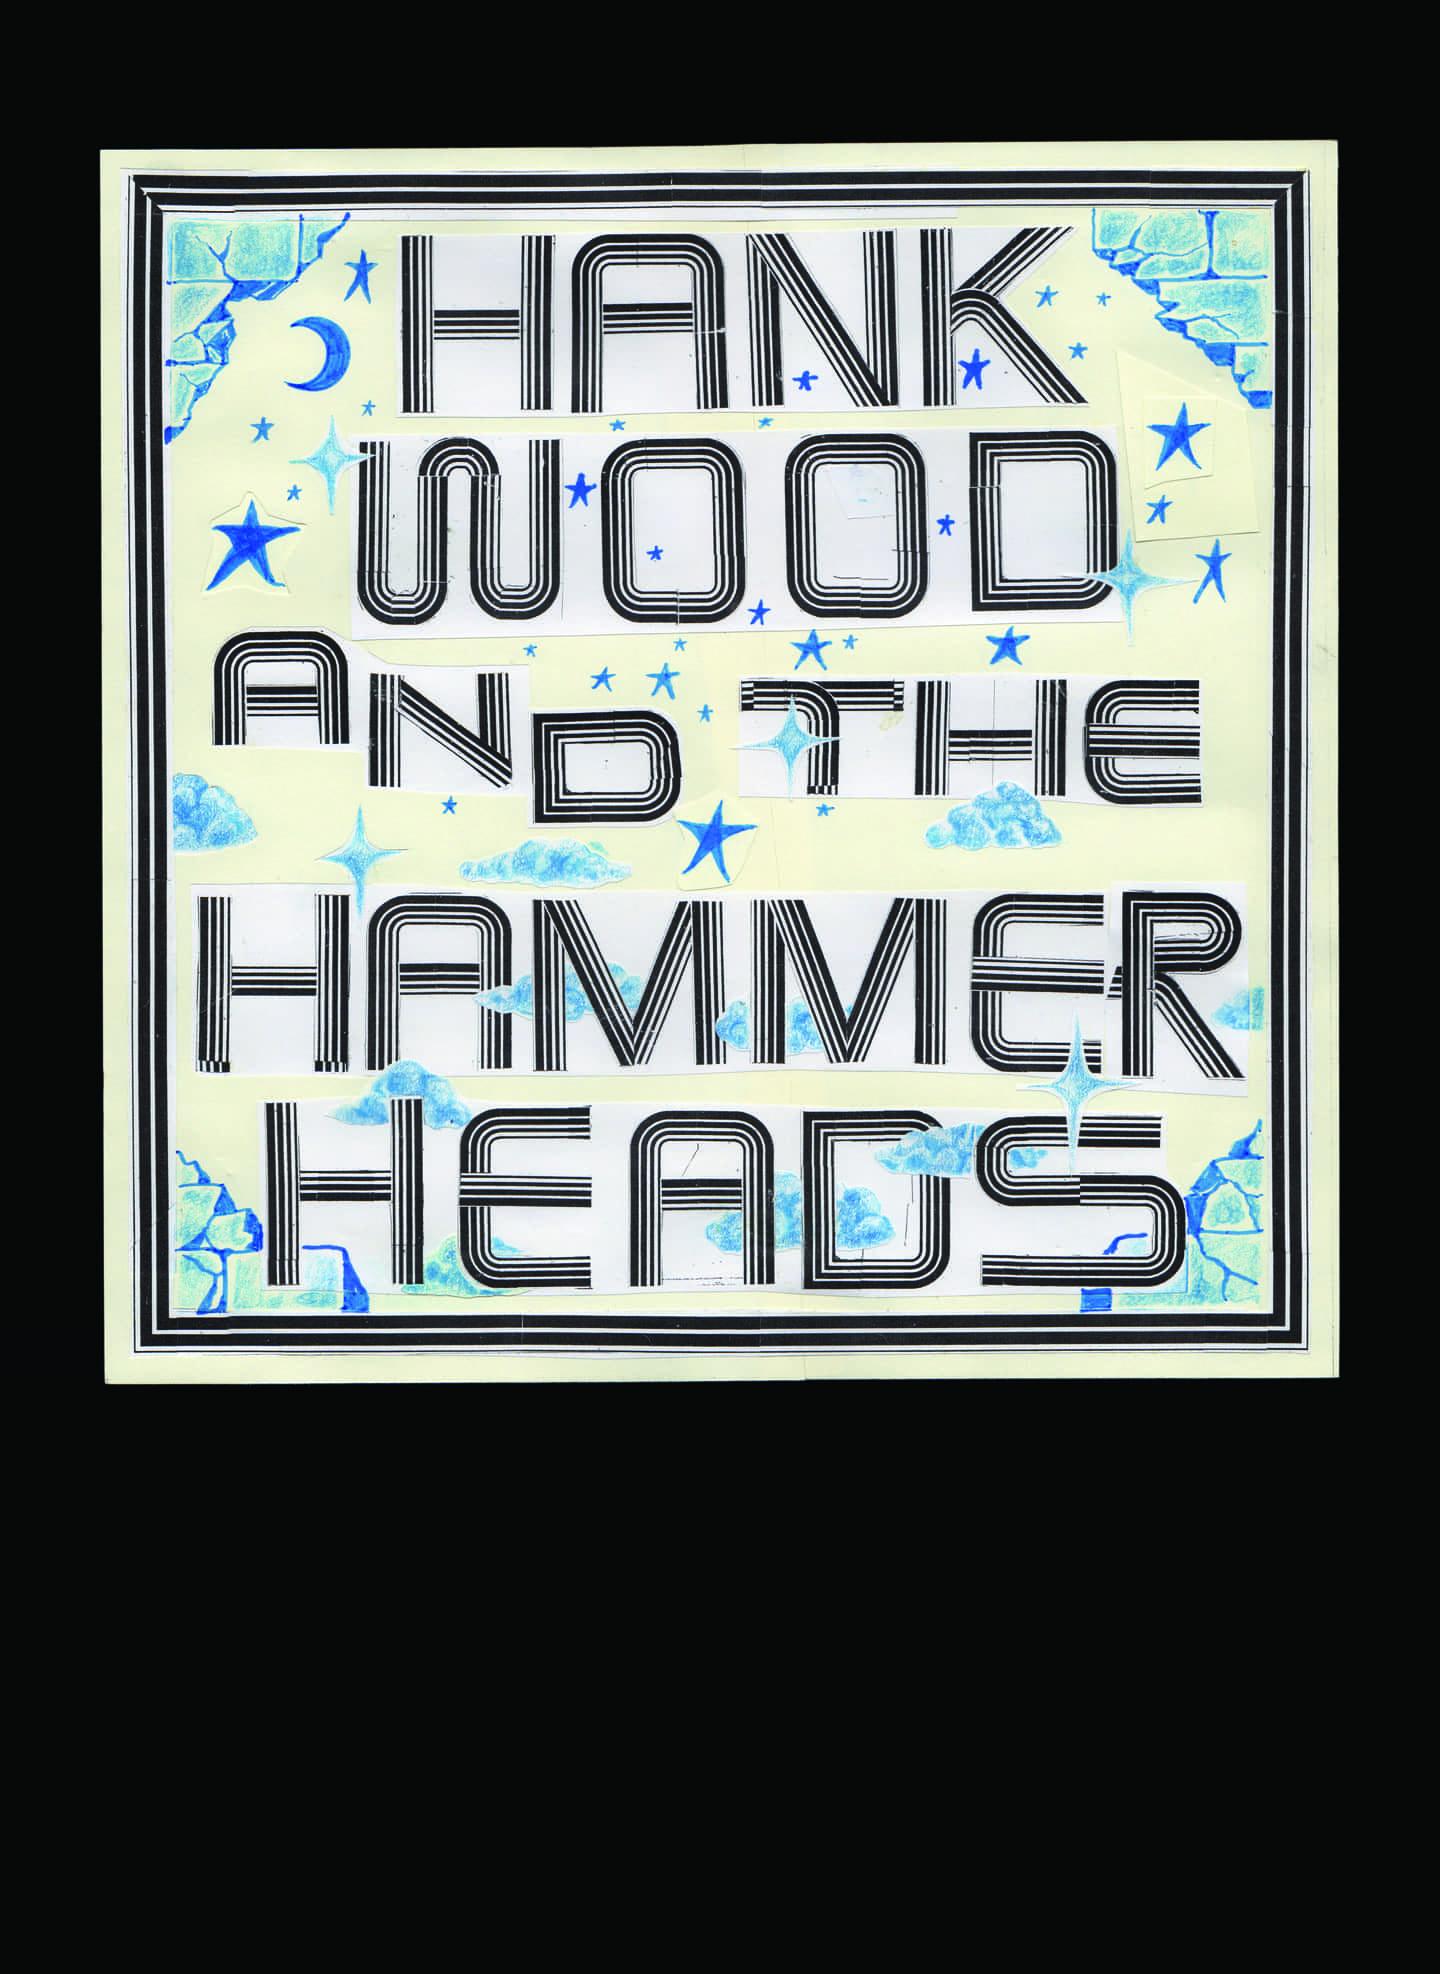 Sam Ryser: Hank madera y los Hammer Heads